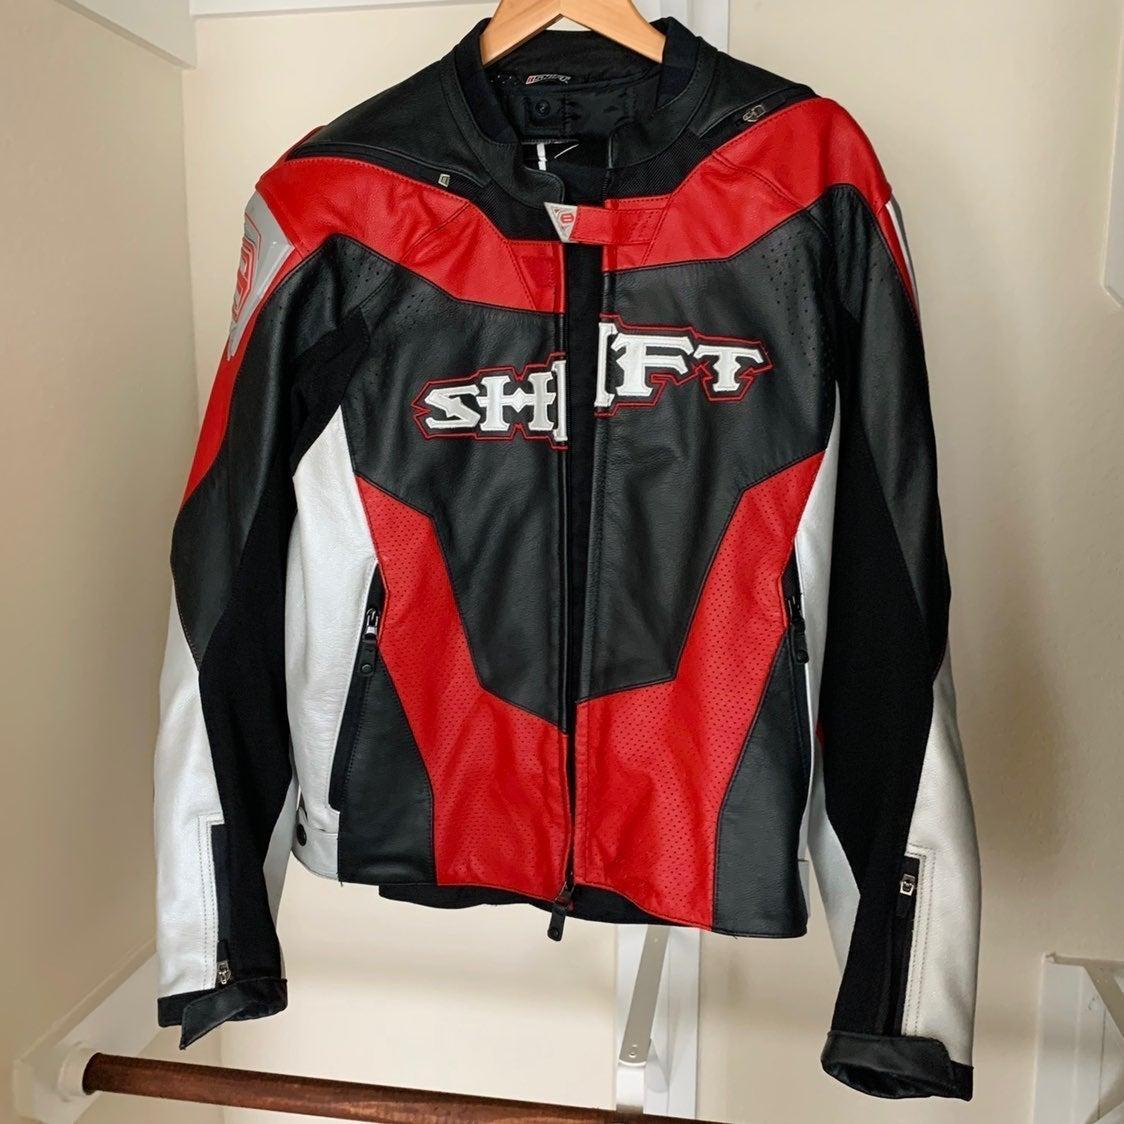 SHIFT Motorcycle Jacket size Large